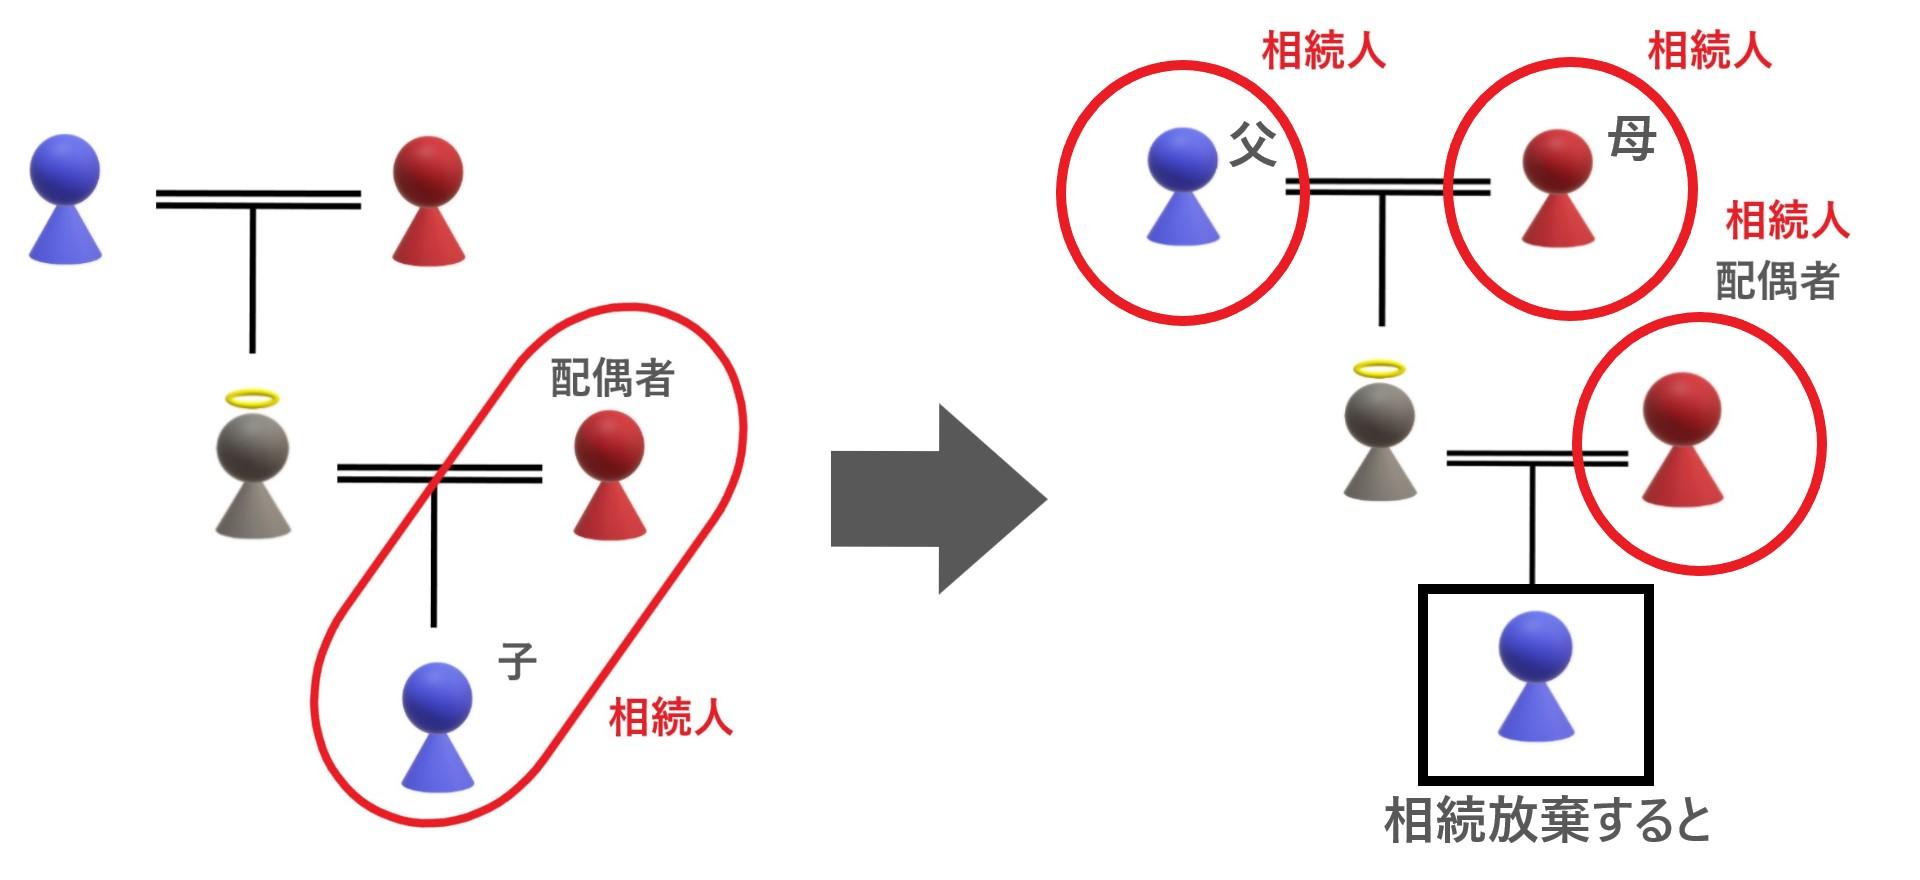 第一順位が相続放棄して第二順位が相続人になった相続関係説明図